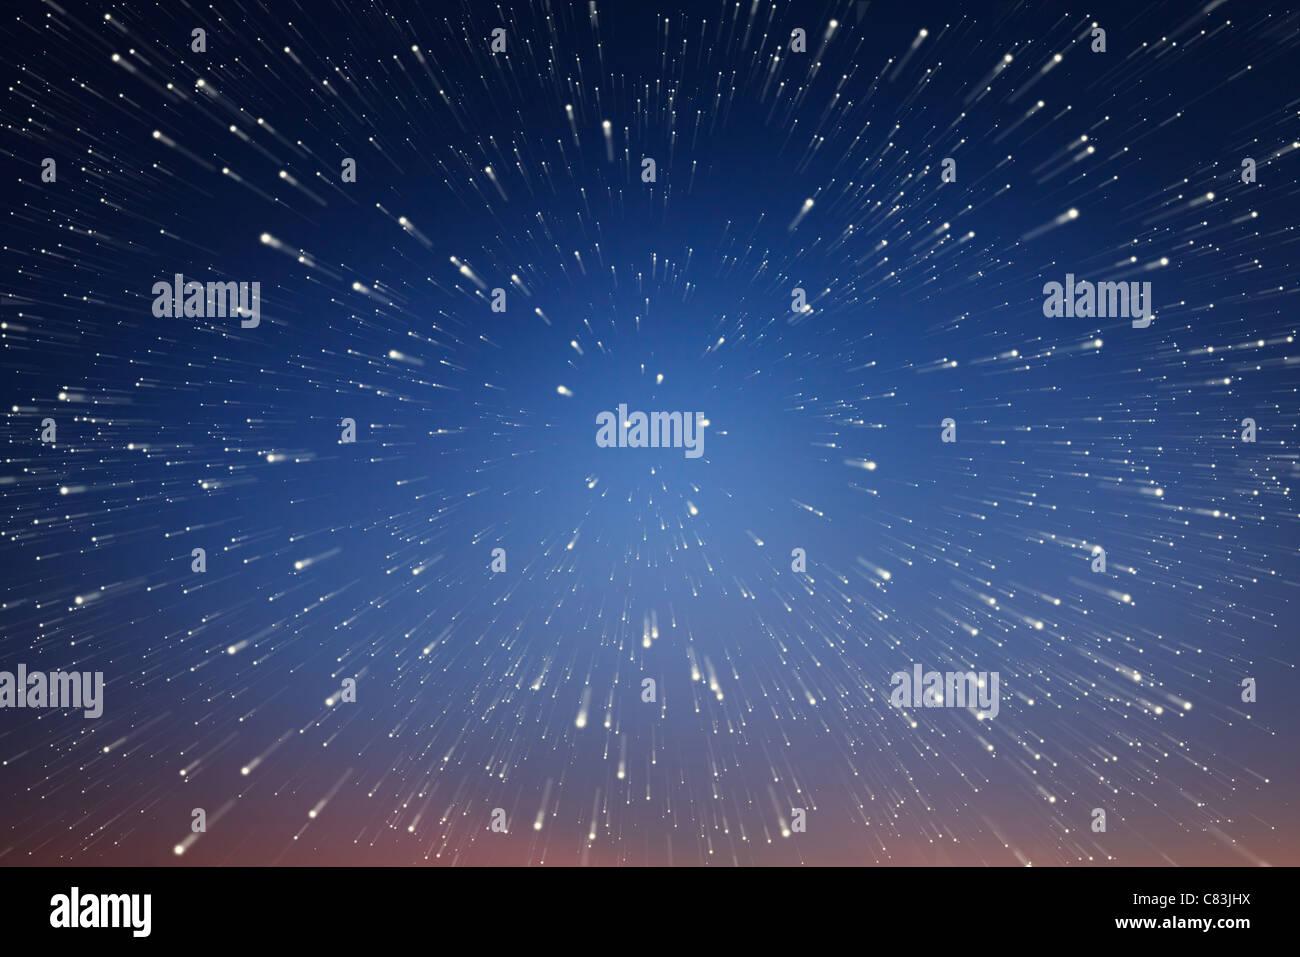 Résumé fond. Le spectateur se déplace dans l'espace vers l'infini. Photo Stock